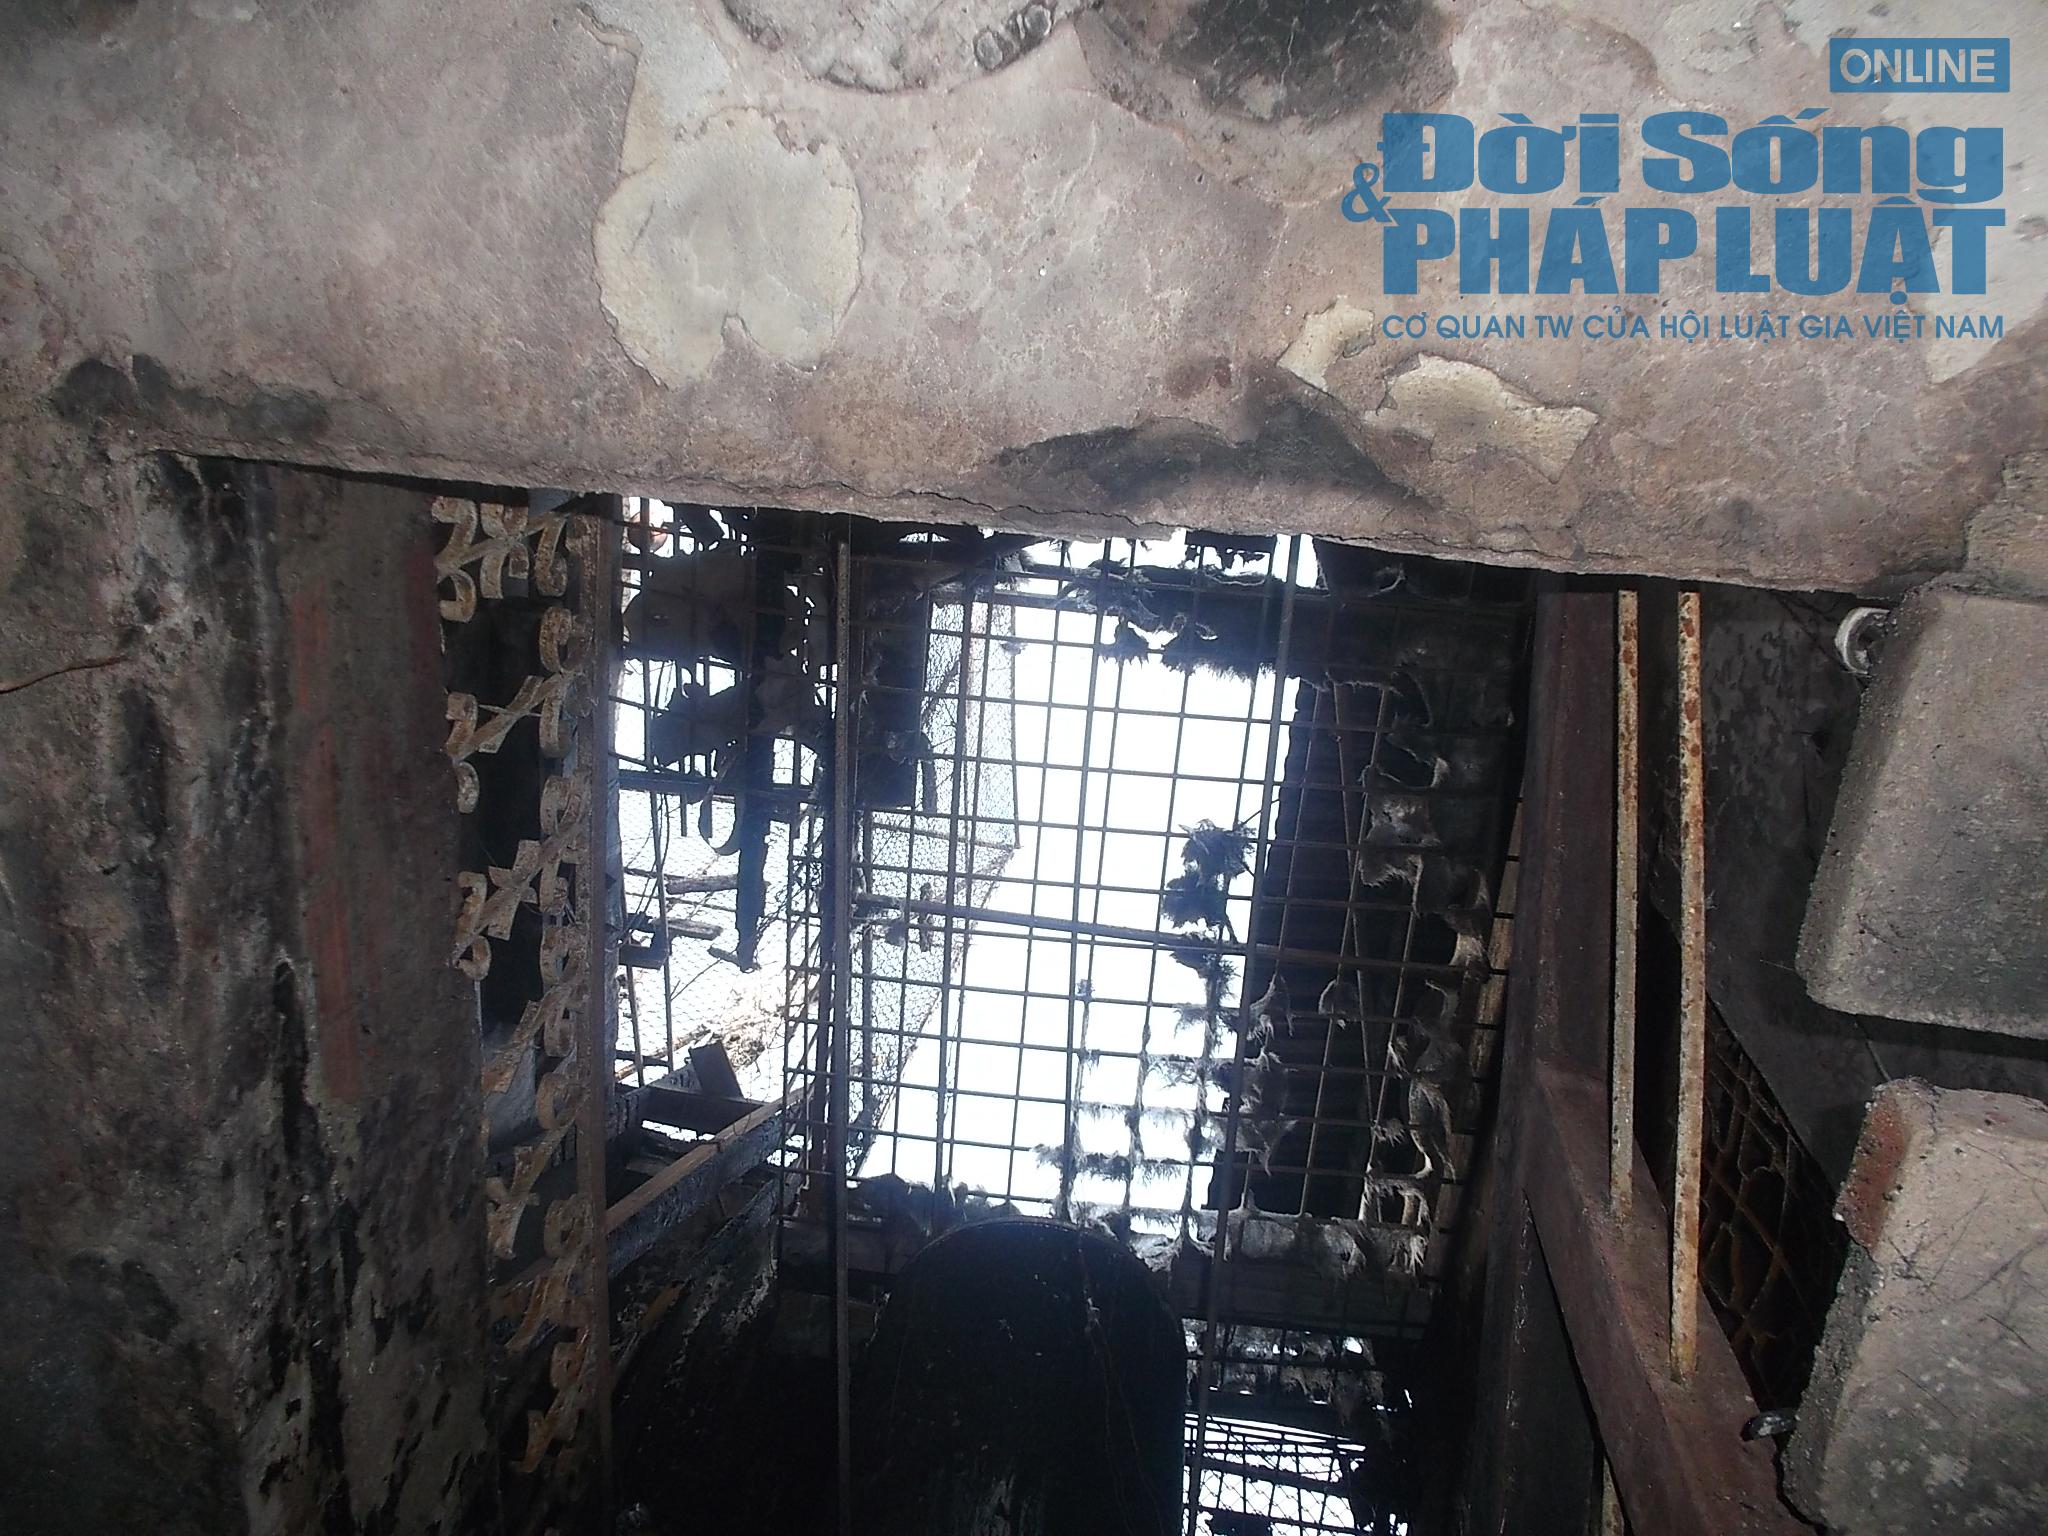 Cháy nhà ở Hải Phòng: 6 người chết và lời cảnh báo cho mọi gia đình - Ảnh 2